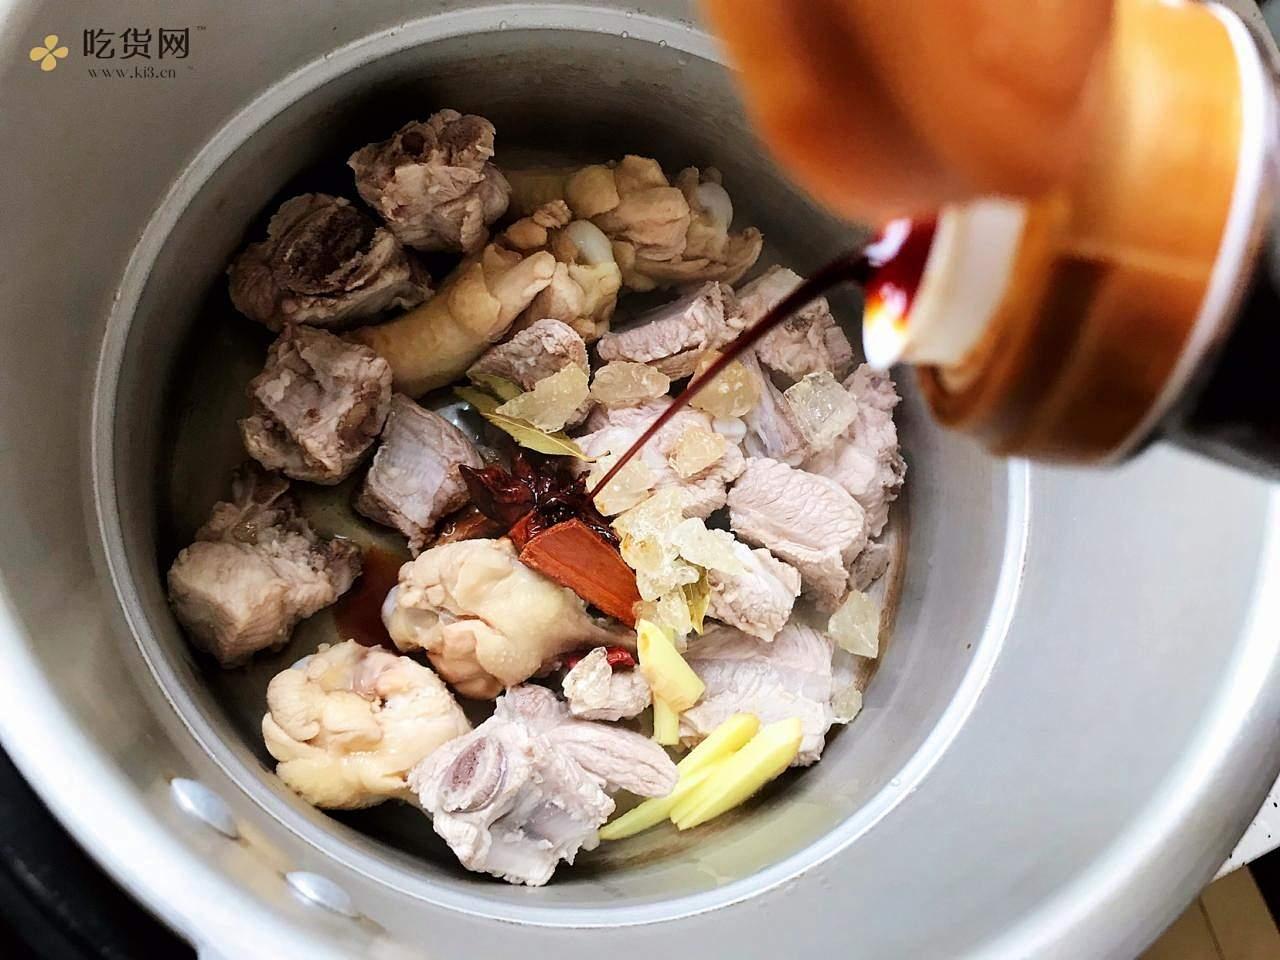 红烧排骨鸡翅根(高压锅懒人版)的做法 步骤11